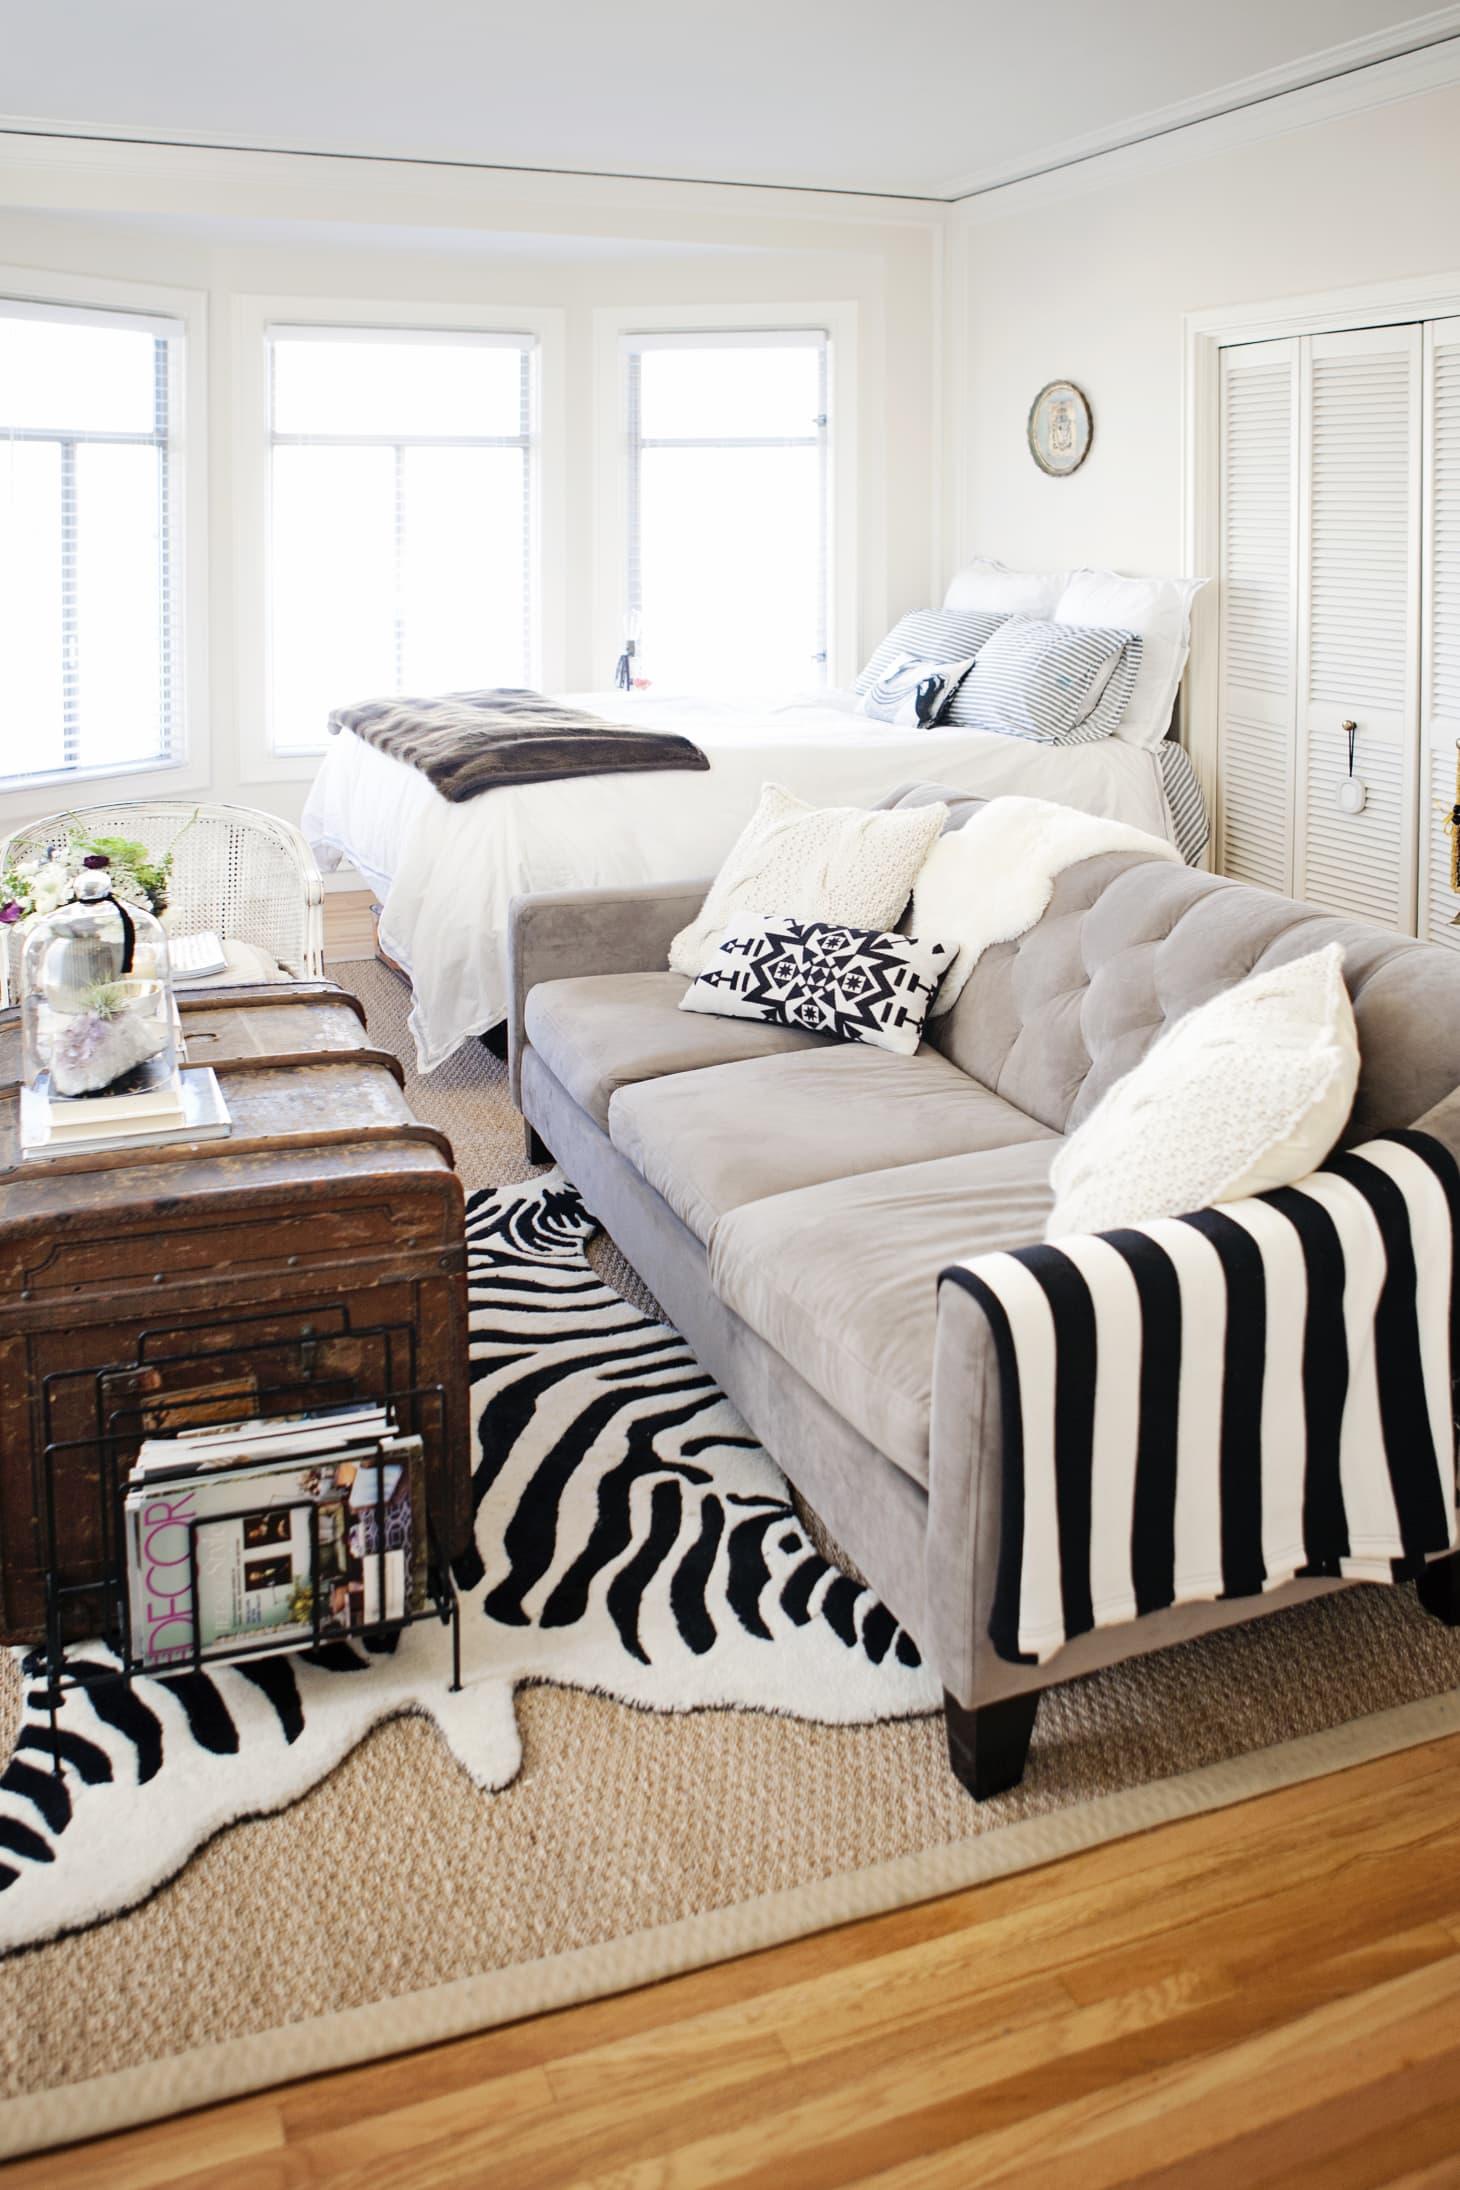 9 Smart Design Ideas For Your Studio Apartment | Apartment ...